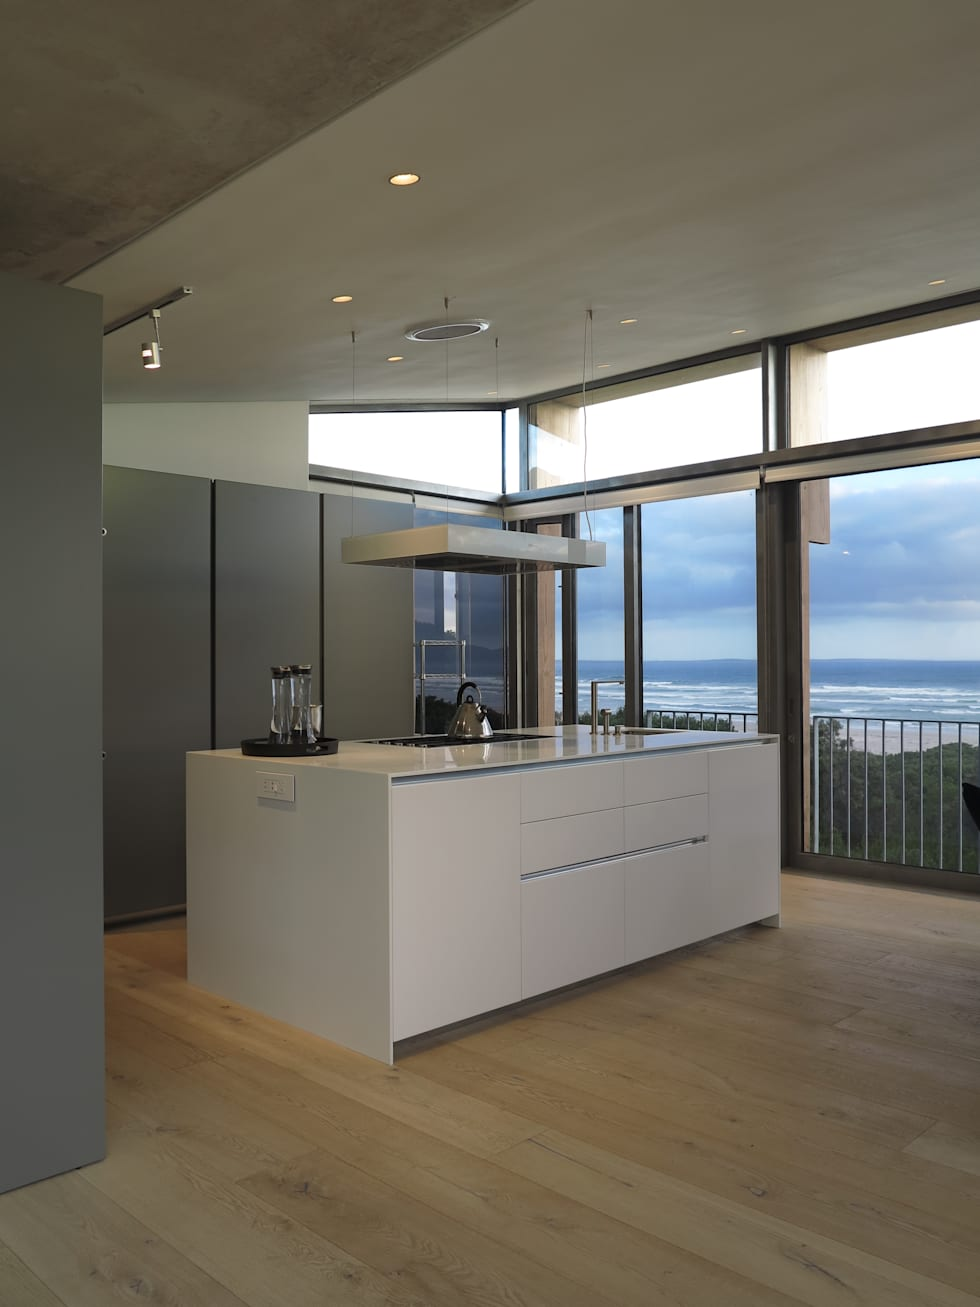 Kitchen:  Built-in kitchens by Van der Merwe Miszewski Architects